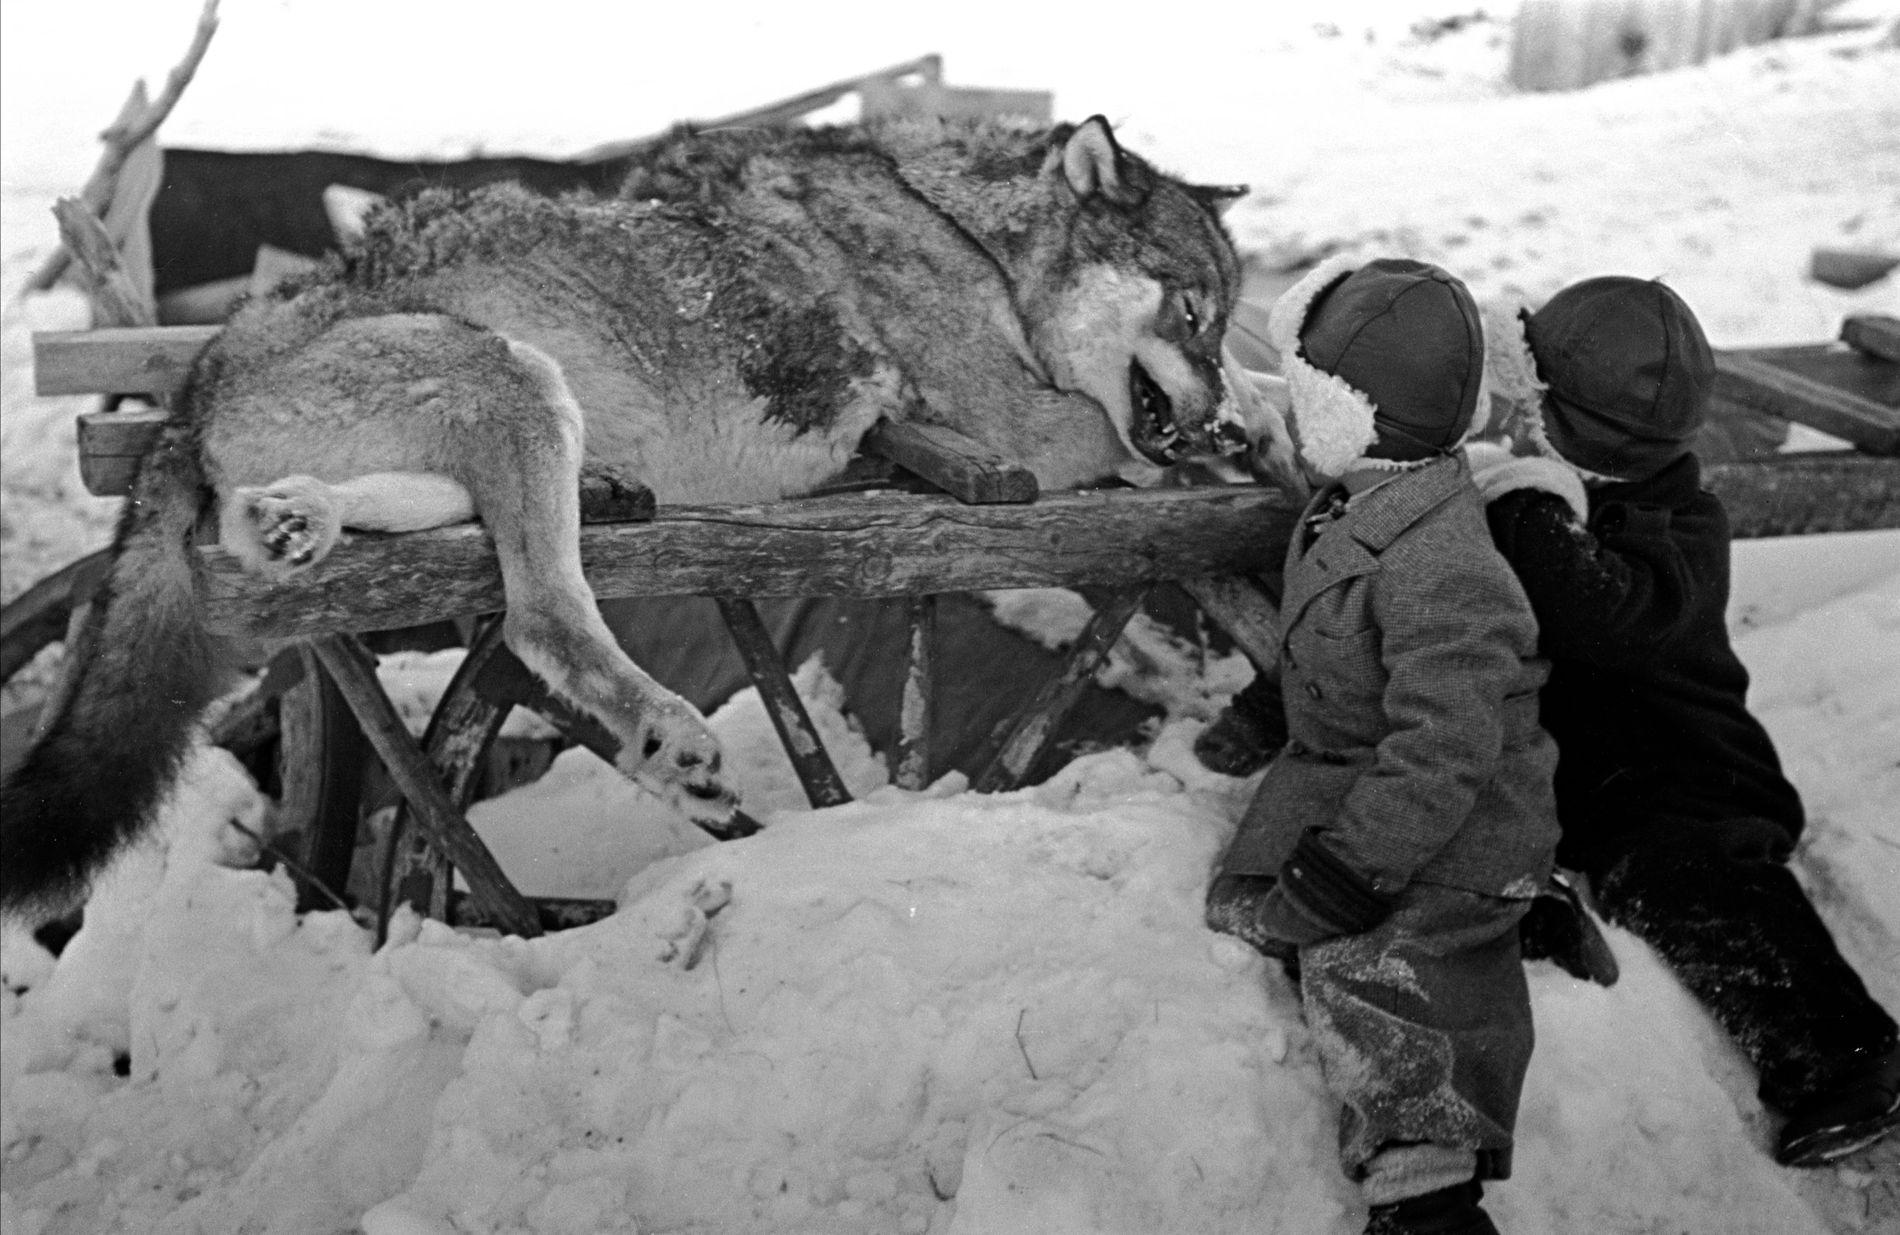 JAKT I 1949: Selv ikke da regjeringen bevilget penger til omfattende ulvejakt i Finnmark i 1949 ble det skutt flere ulv enn regjeringen legger opp til i år. Det ble vinteren 1949 satt i gang omfattende ulvejakt på Finnmarksvidda på grunn av skader på reinsflokker.